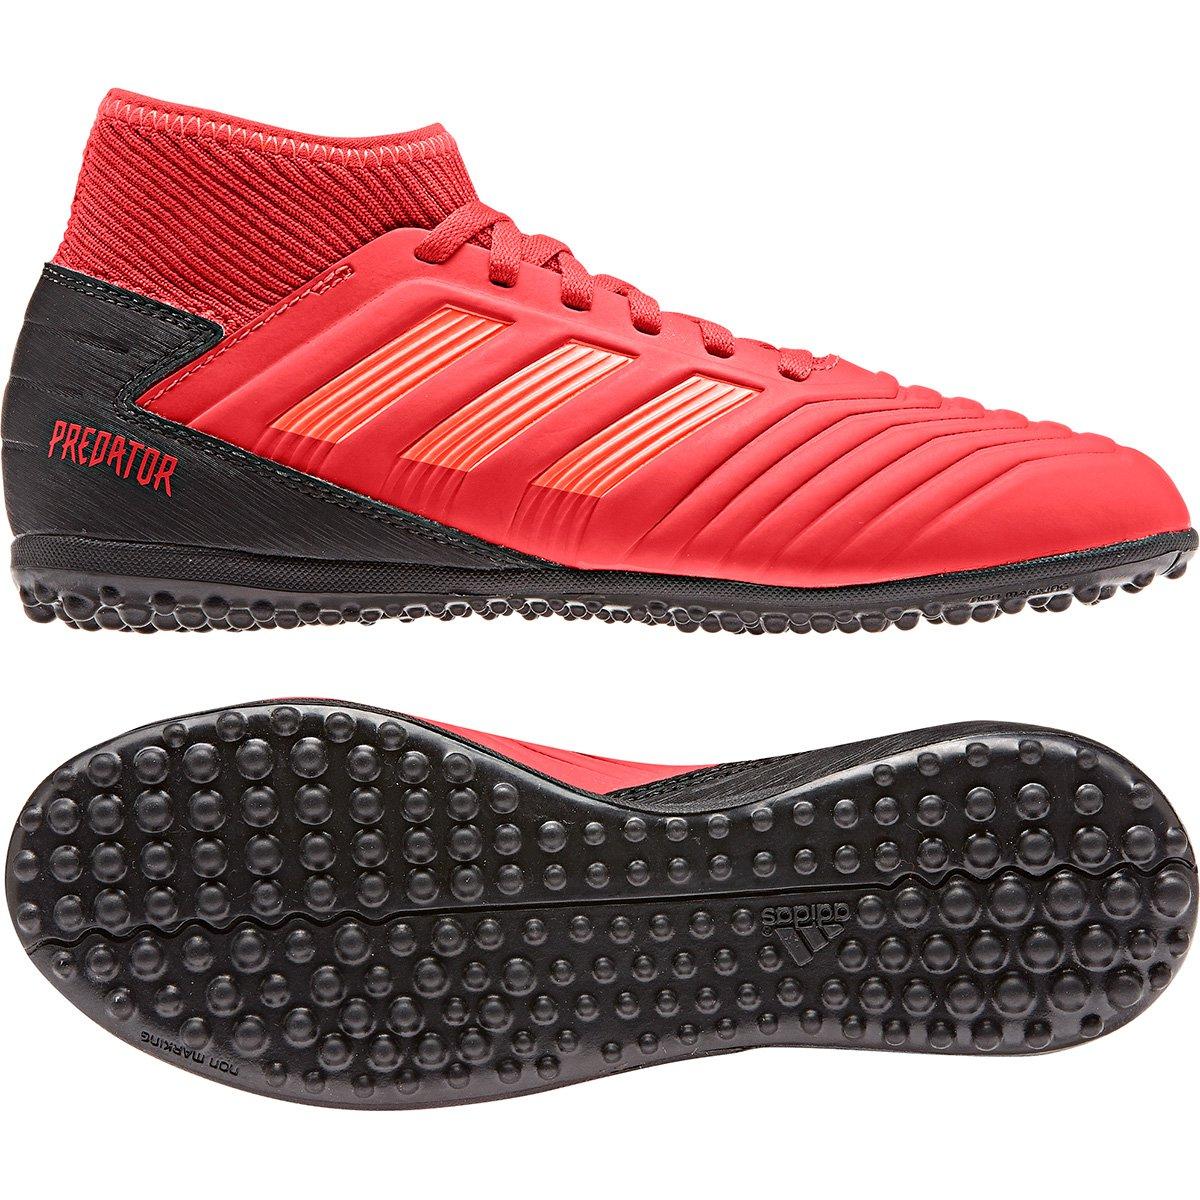 2bcbcf2de0 Chuteira Society Infantil Adidas Predator 19 3 TF - Vermelho e Preto ...